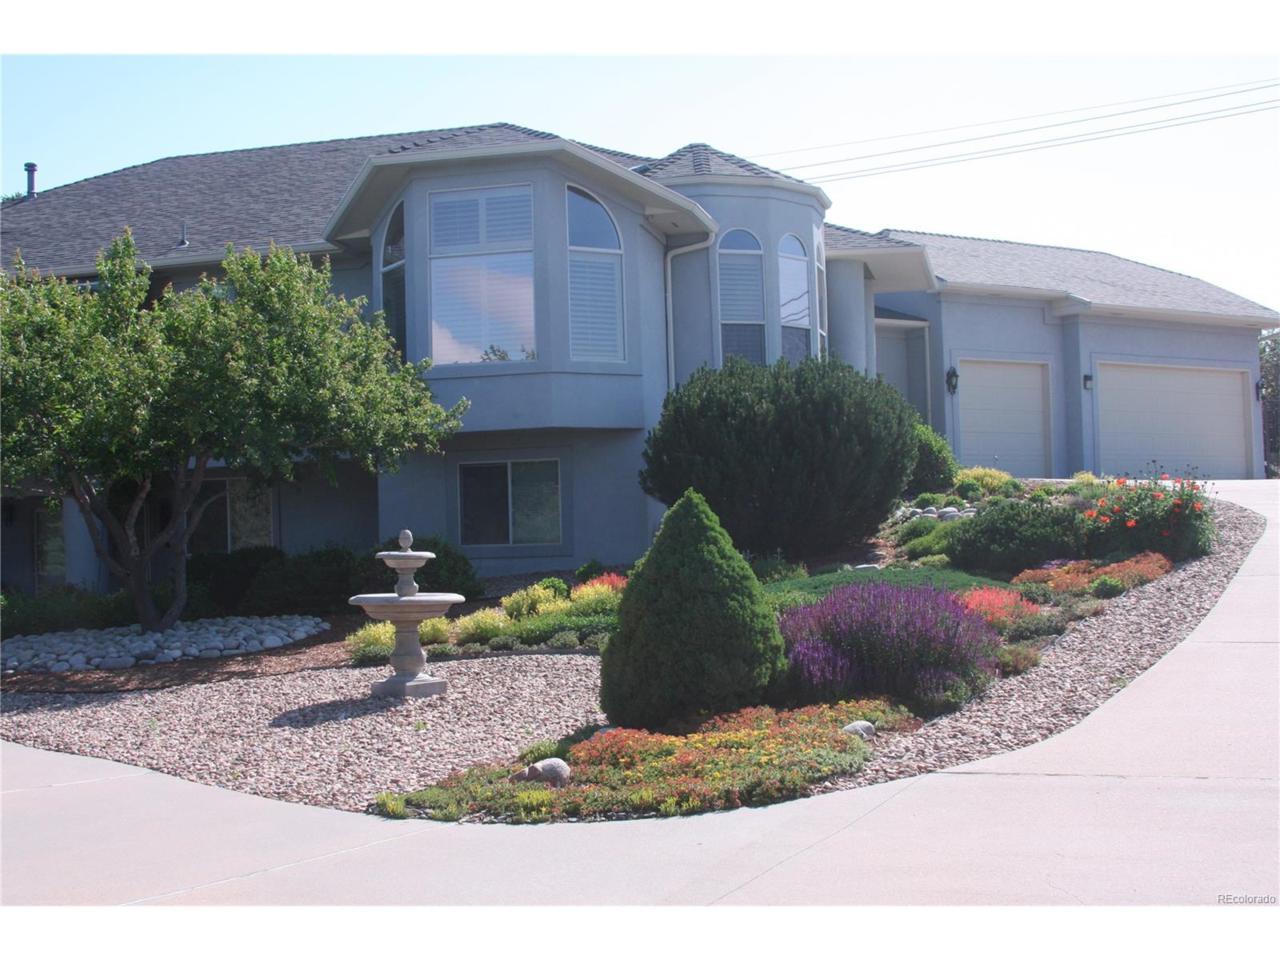 3992 S Elkhart Street, Aurora, CO 80014 (MLS #5970404) :: 8z Real Estate